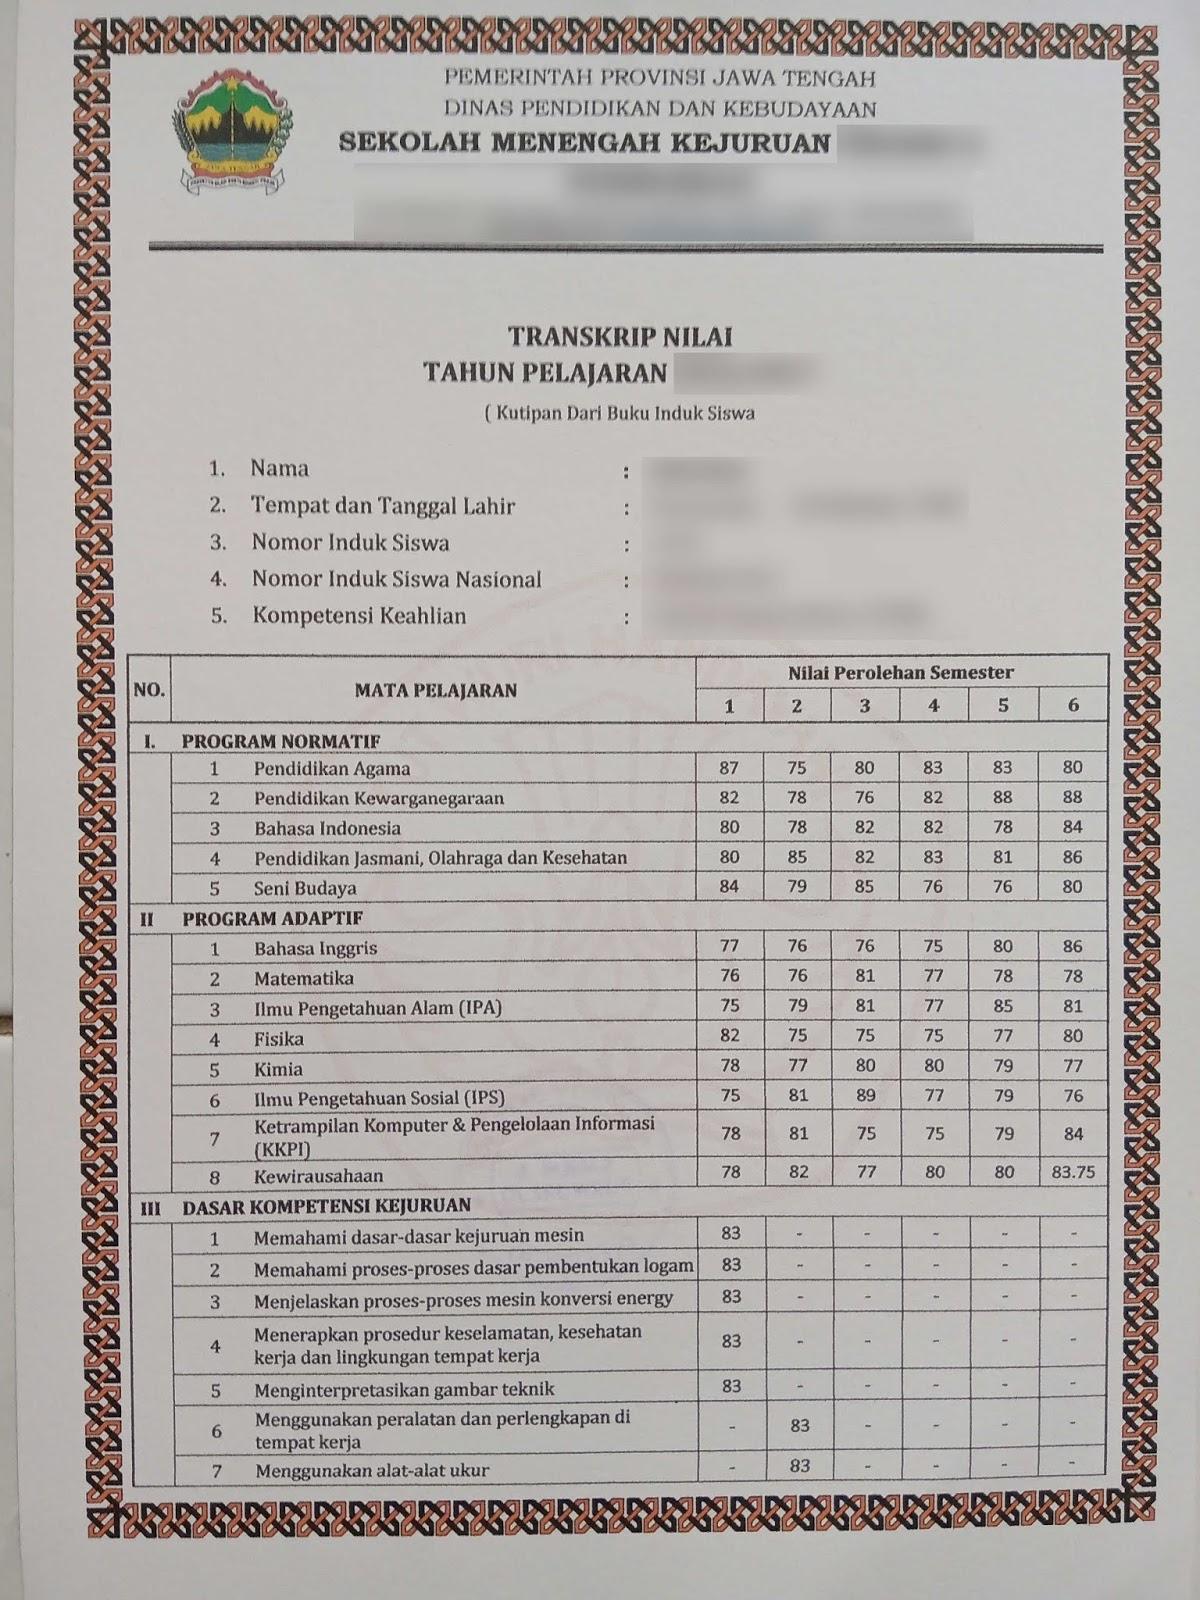 10 Contoh CV Lulusan SMA Fresh Graduate Tanpa Pengalaman 2021